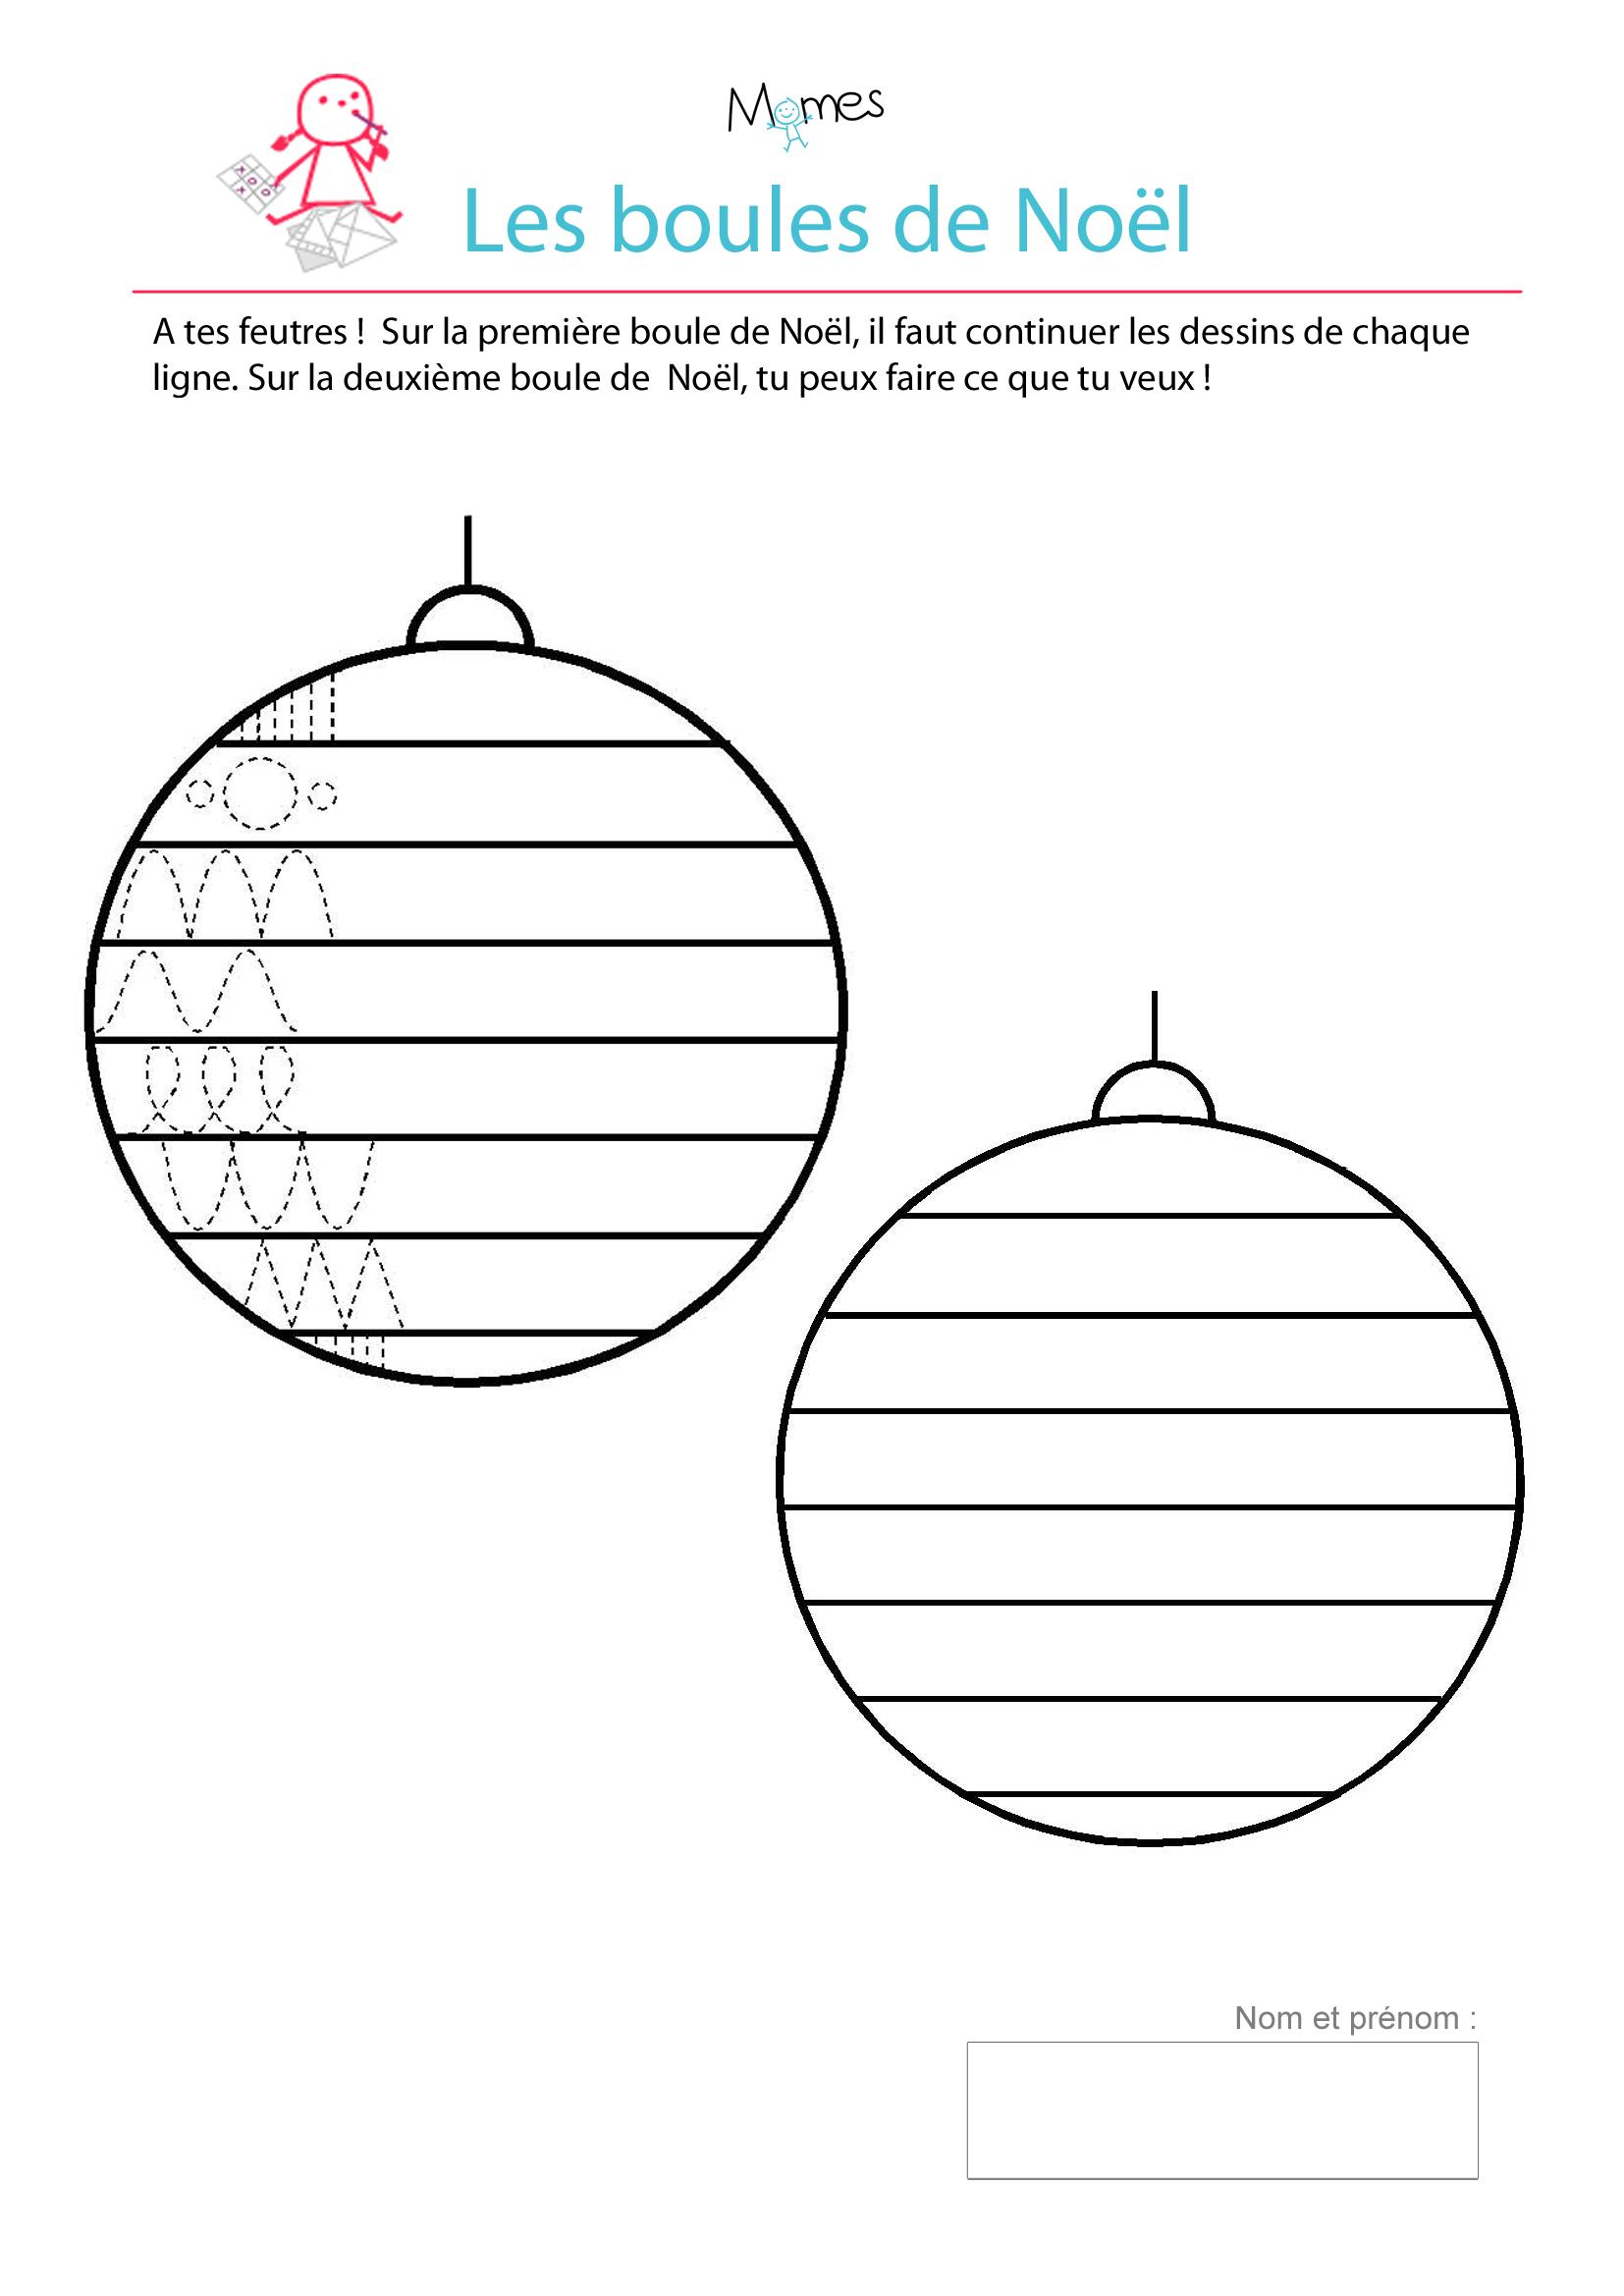 Décore Les Boules De Noël - Exercice De Tracé - Momes avec Fiche D Exercice Grande Section A Imprimer